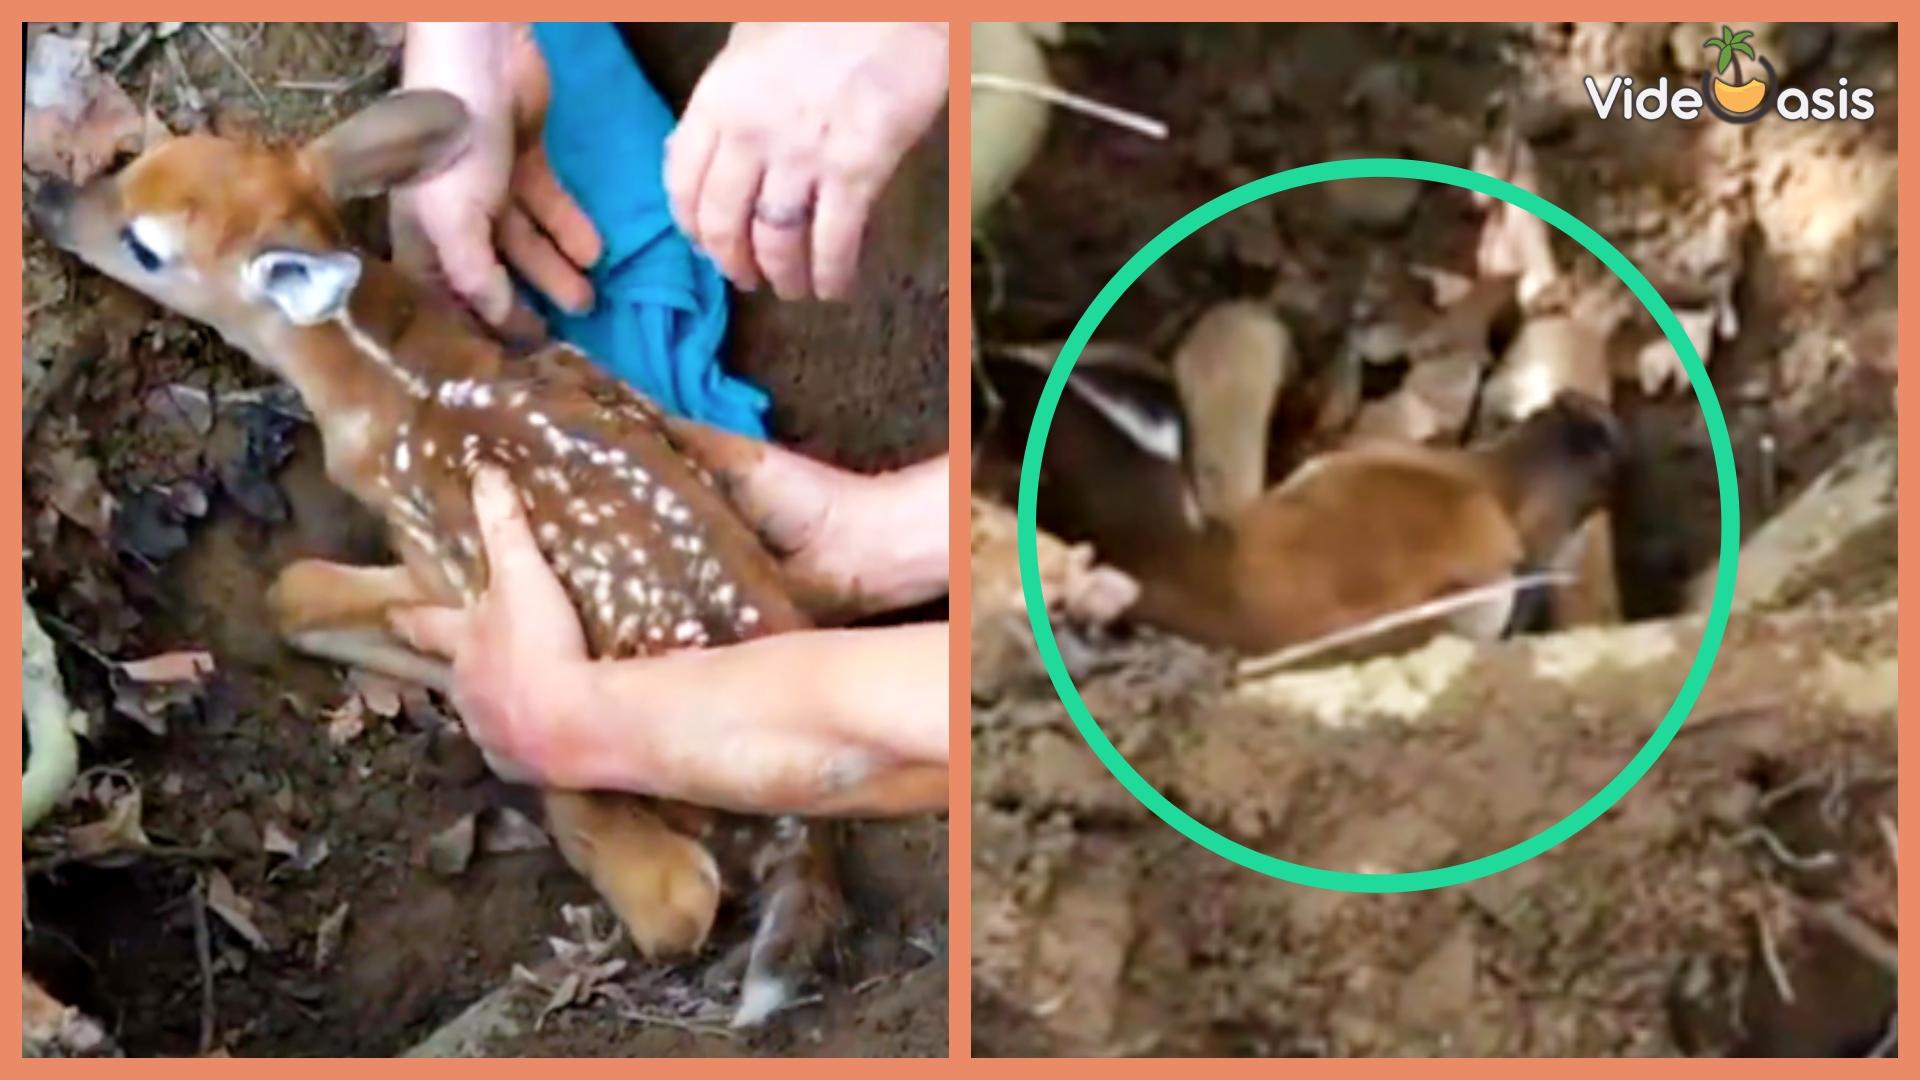 This Poor Baby Deer Stuck in a Groundhog Hole|VideOasis